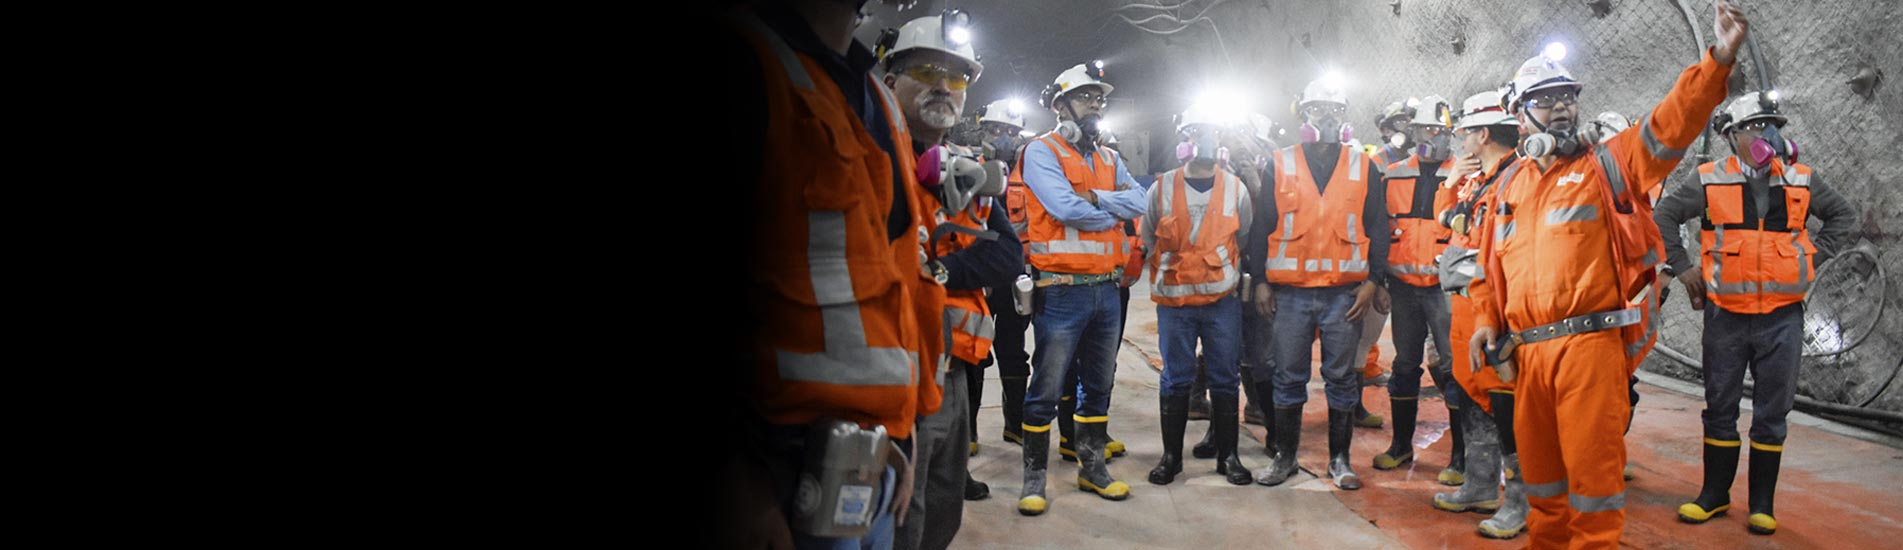 Maestría Global Gestión de Seguridad, Salud Ocupacional y Medio Ambiente en Minería